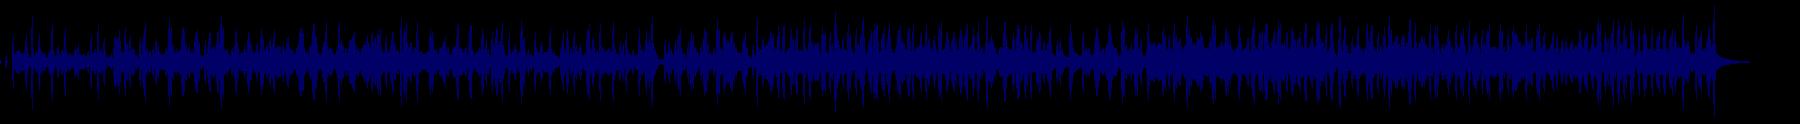 waveform of track #77858